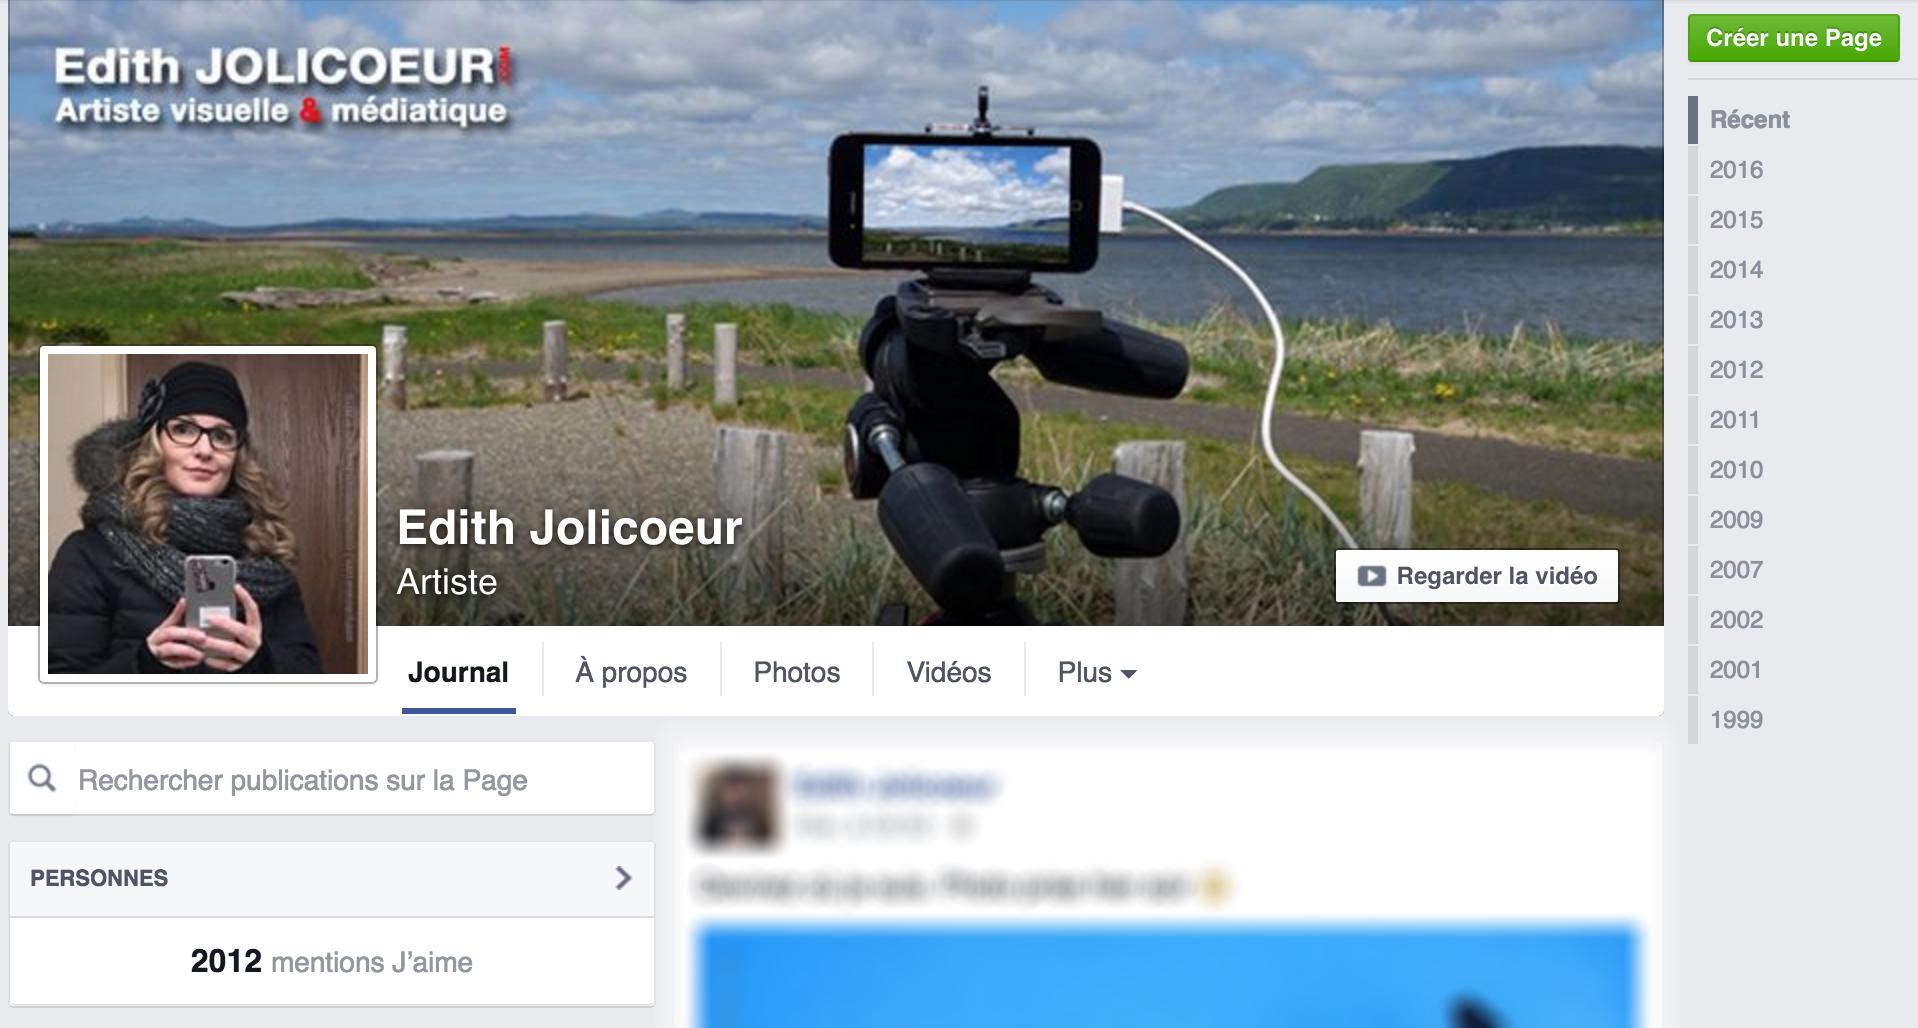 Page Facebook Edith Jolicoeur